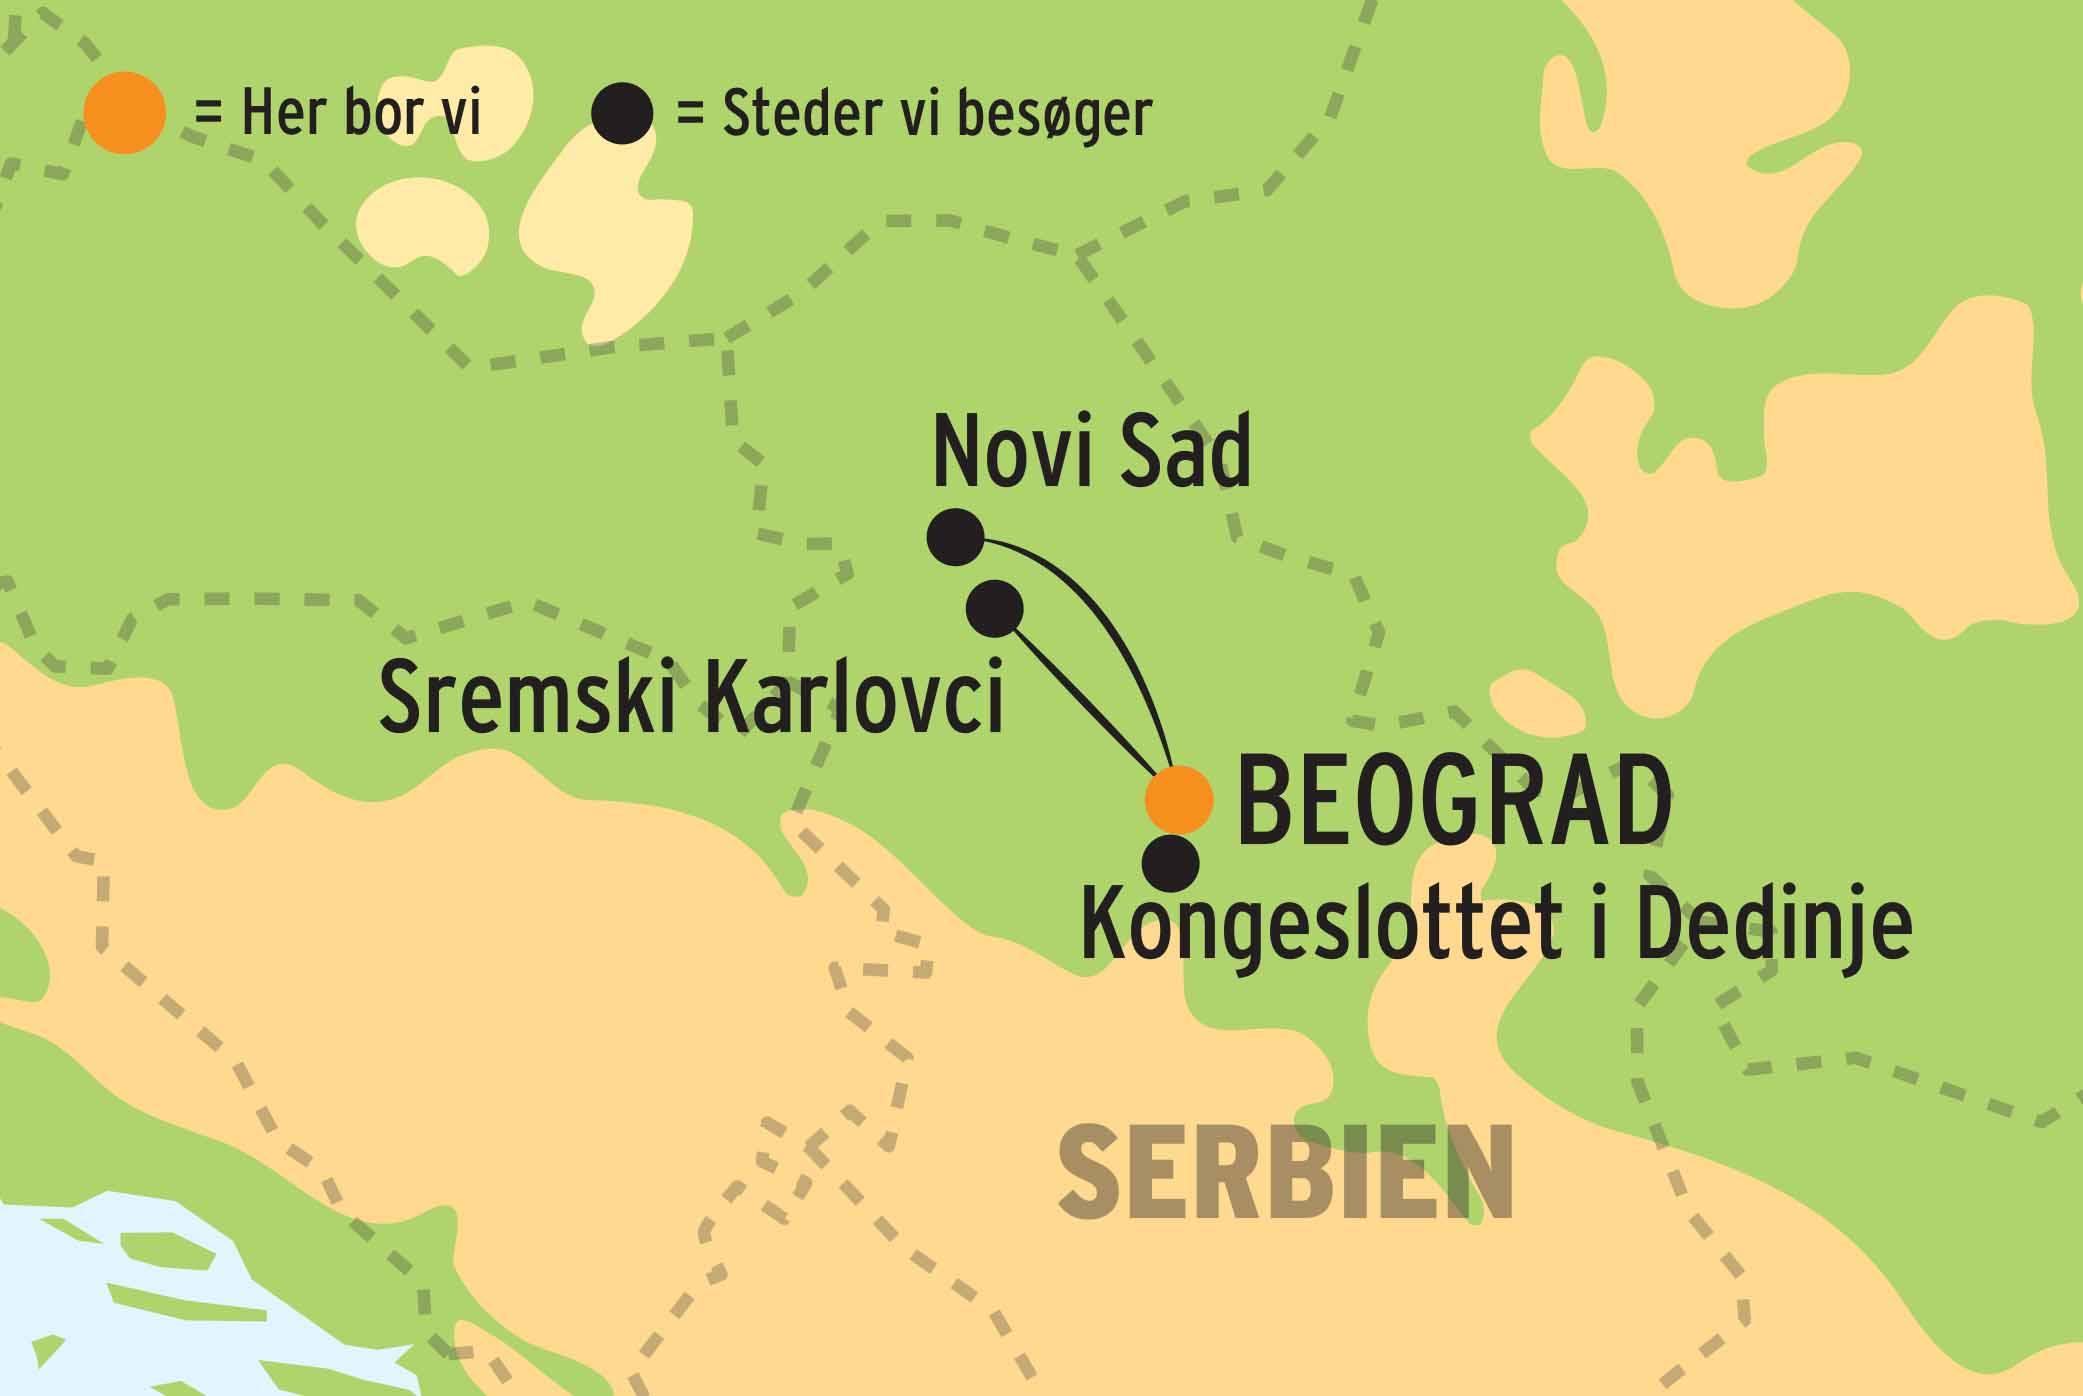 Kulturrejse Til Beograd L Kulturrejser Europa